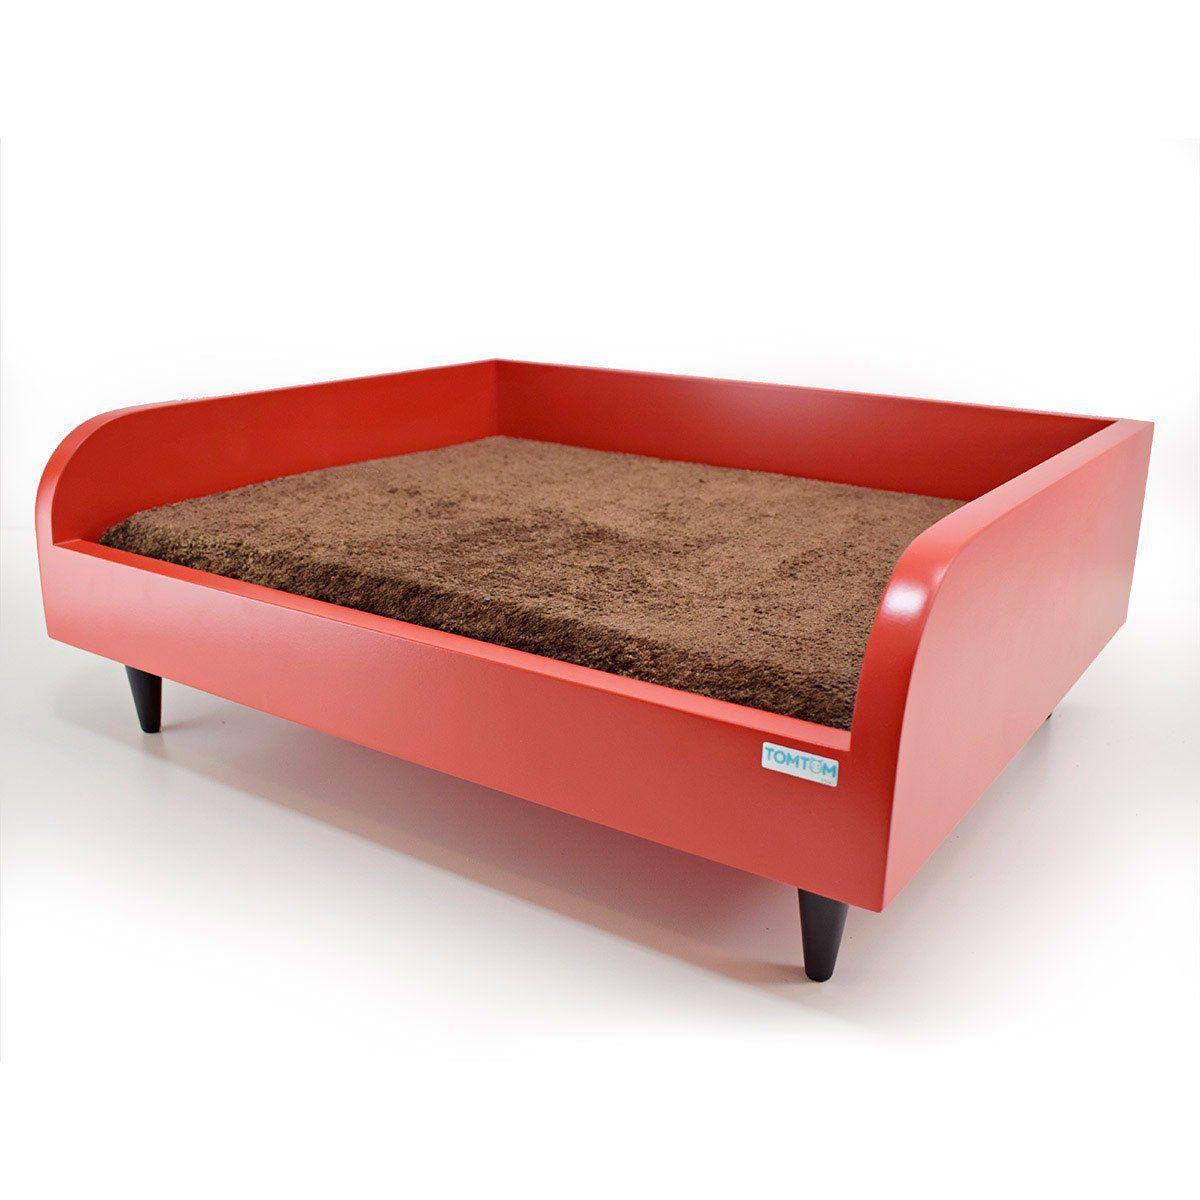 Sofá para Cachorro Tomtom Vermelho com Almofada Marrom - M